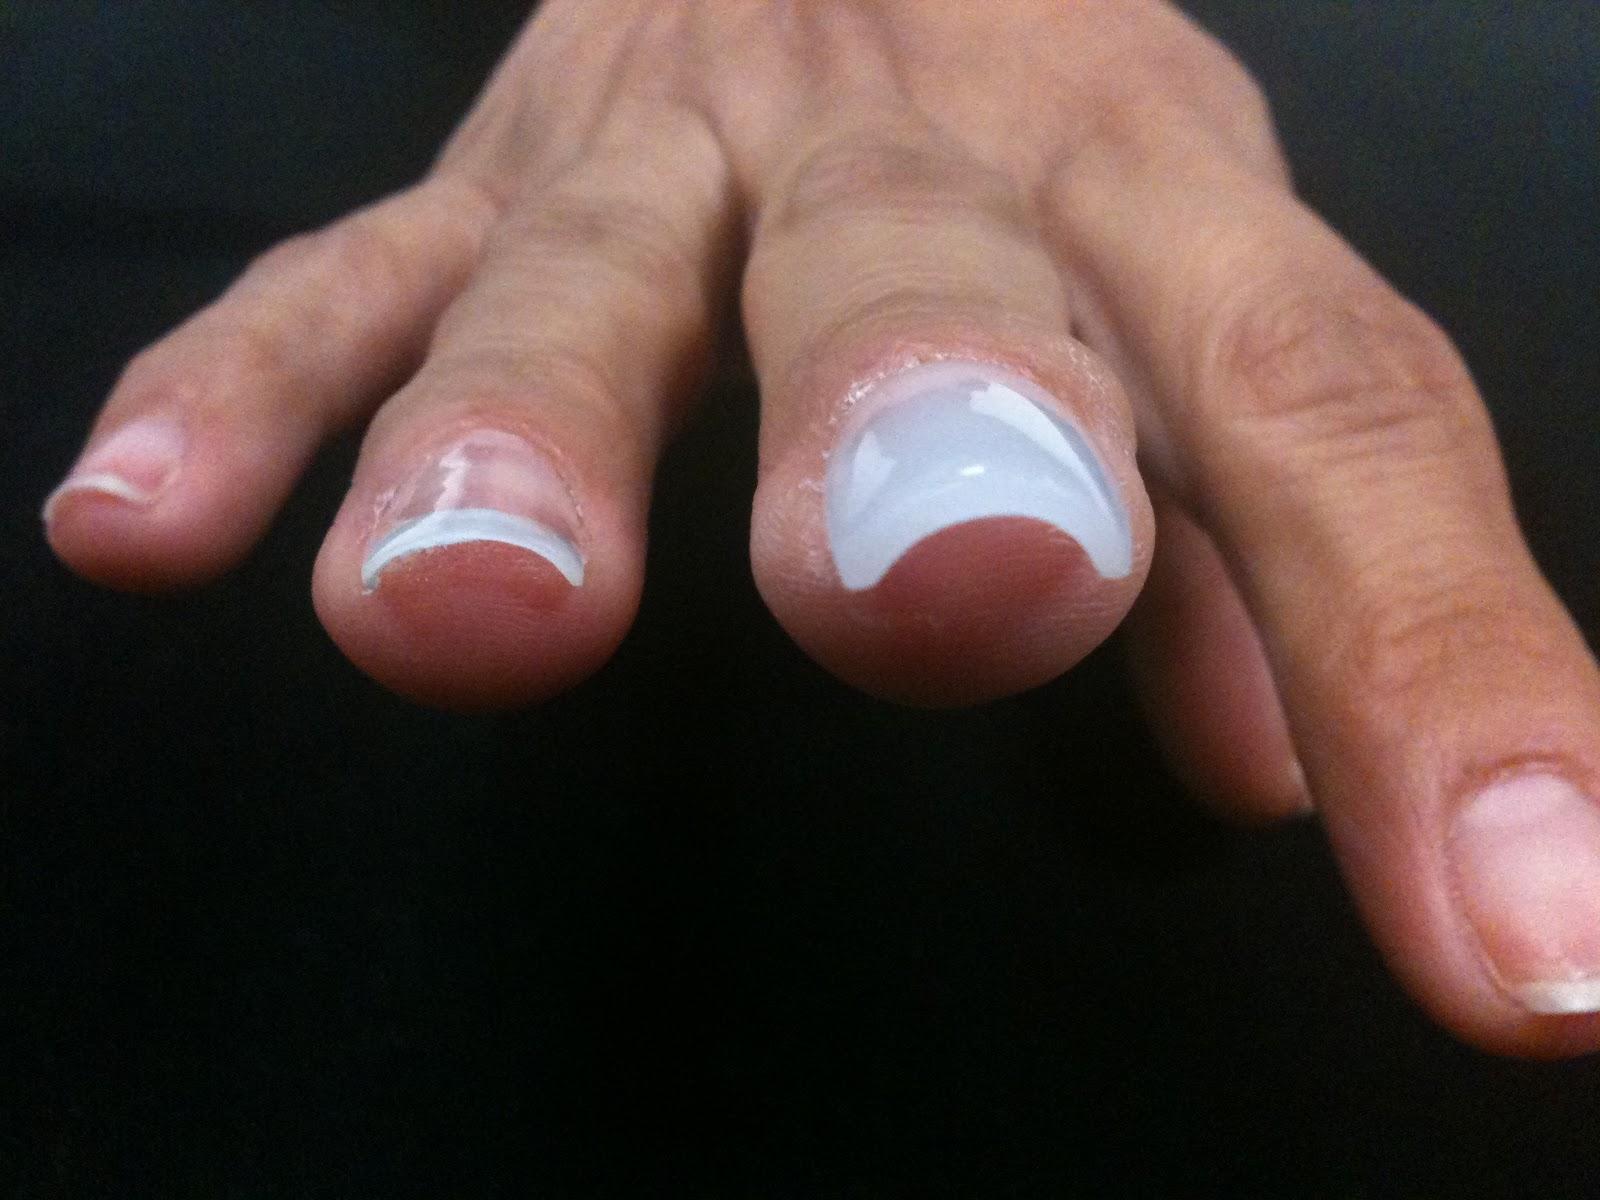 Nail Wraps Vs Acrylic Nails